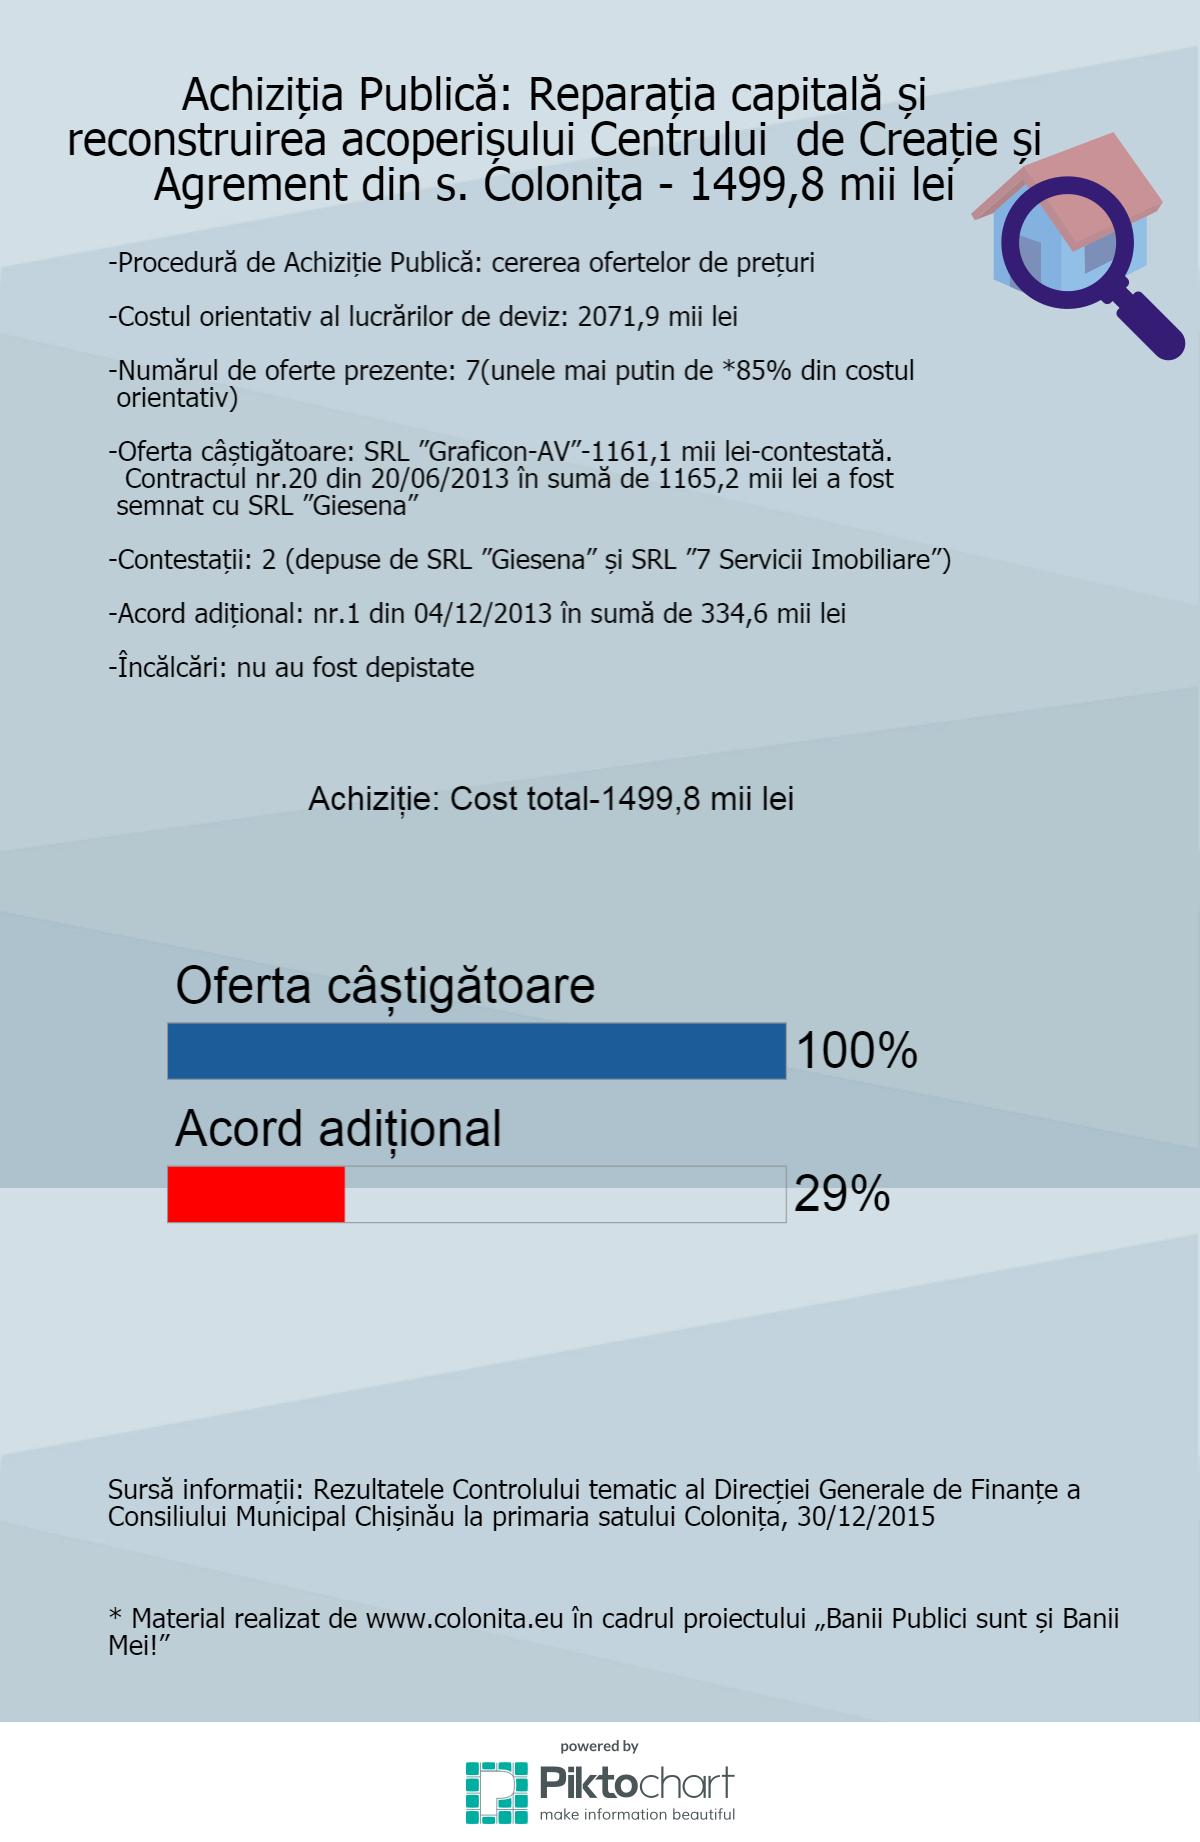 achizitii-2013-1-reparatia-centru-creatie (1)